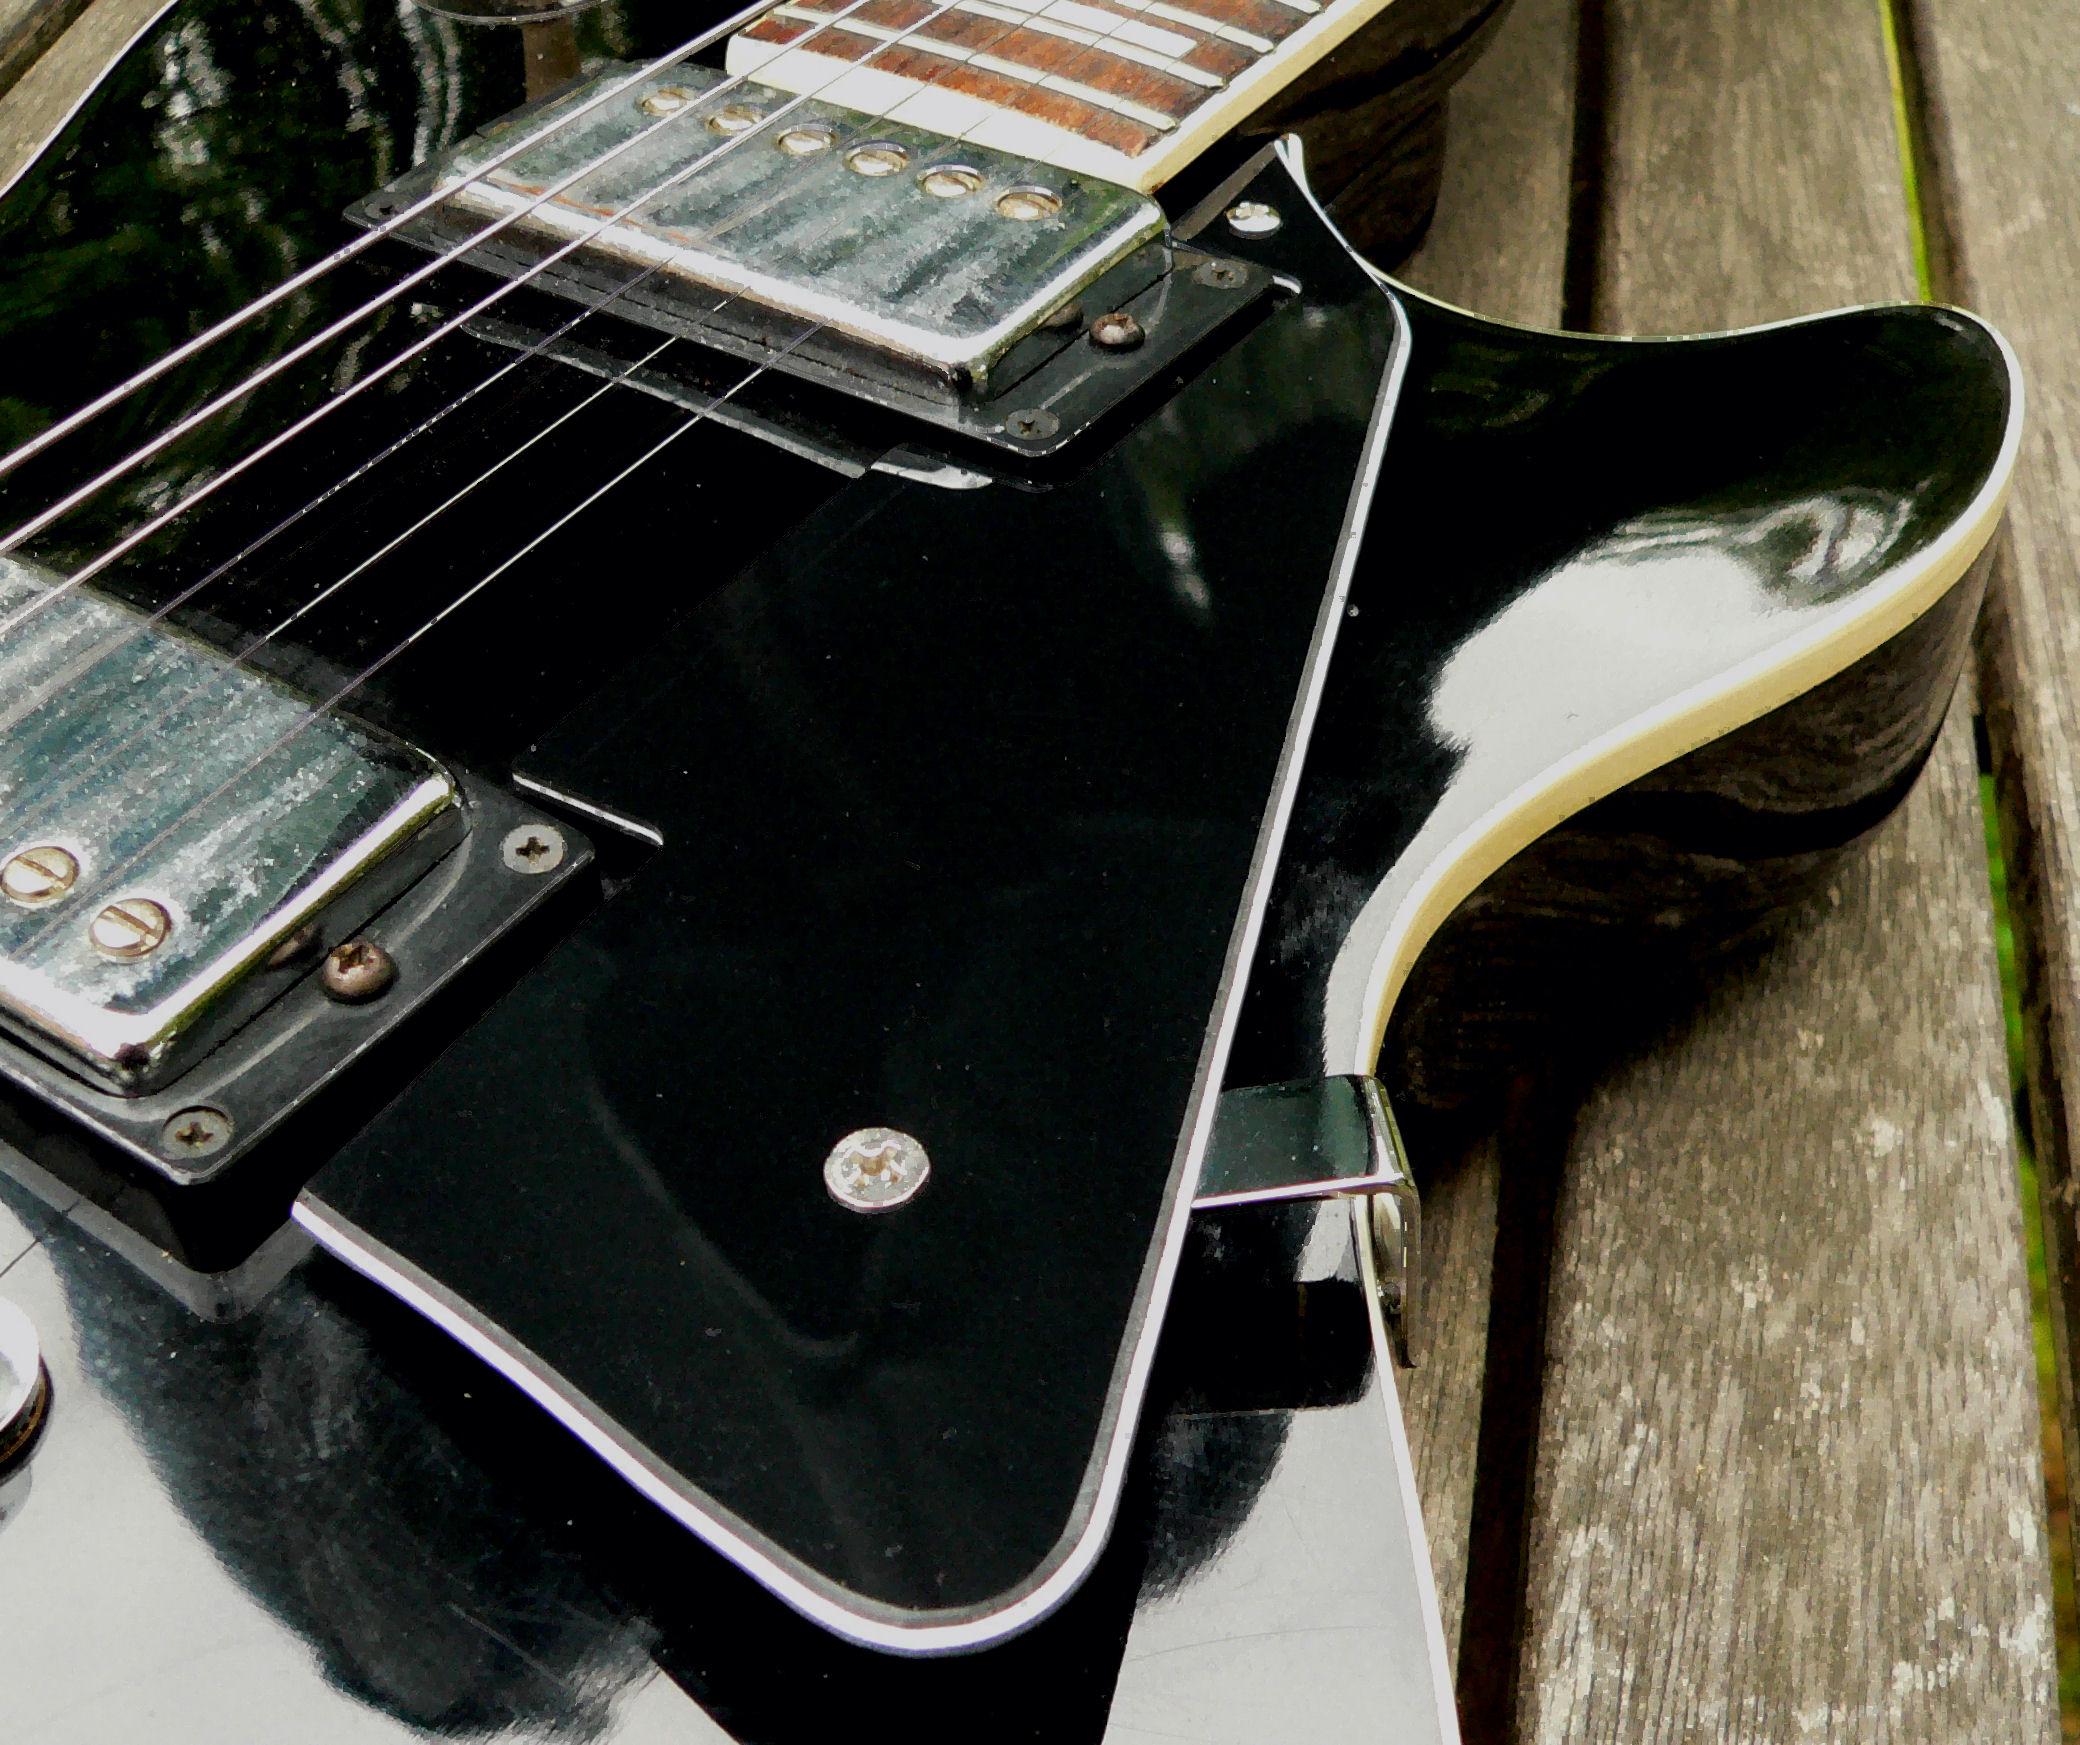 black zebra 3 ply scratchplate pickguard bracket for gibson les paul lp guitar ebay. Black Bedroom Furniture Sets. Home Design Ideas